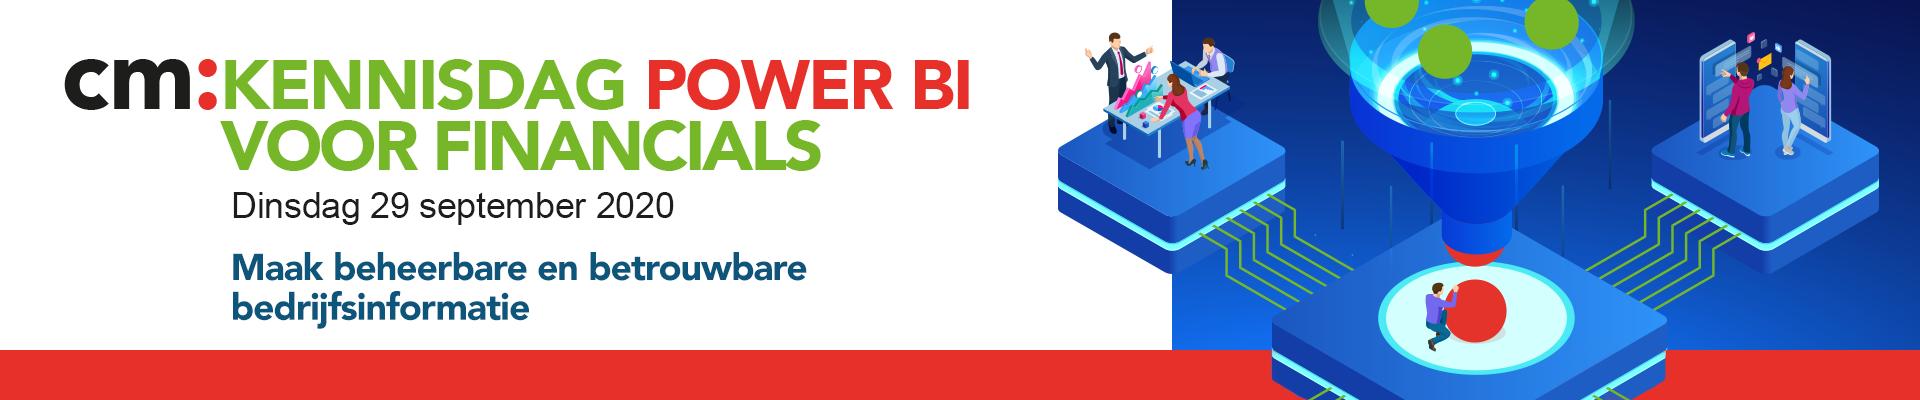 CM: Power BI voor financials